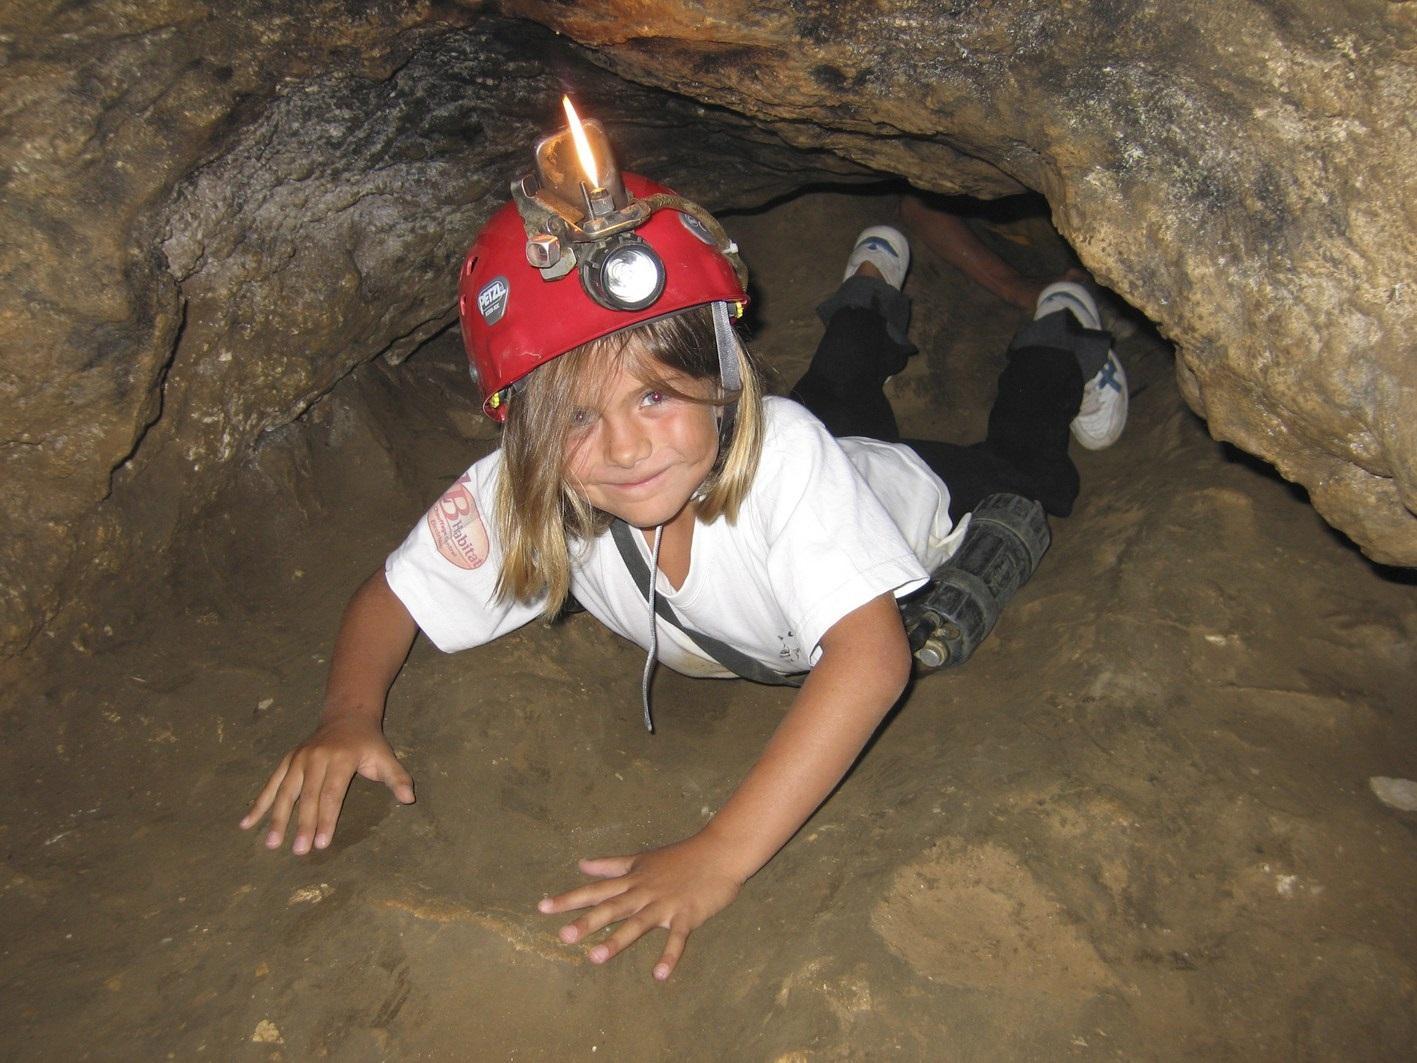 Podzemní labyrint chodeb a pořádné dobrodružství zažijete i na speciálních  adrenalinových trasách znojemského podzemí. Jsou připraveny hned 3 – podle  ... 8bd4baec8d